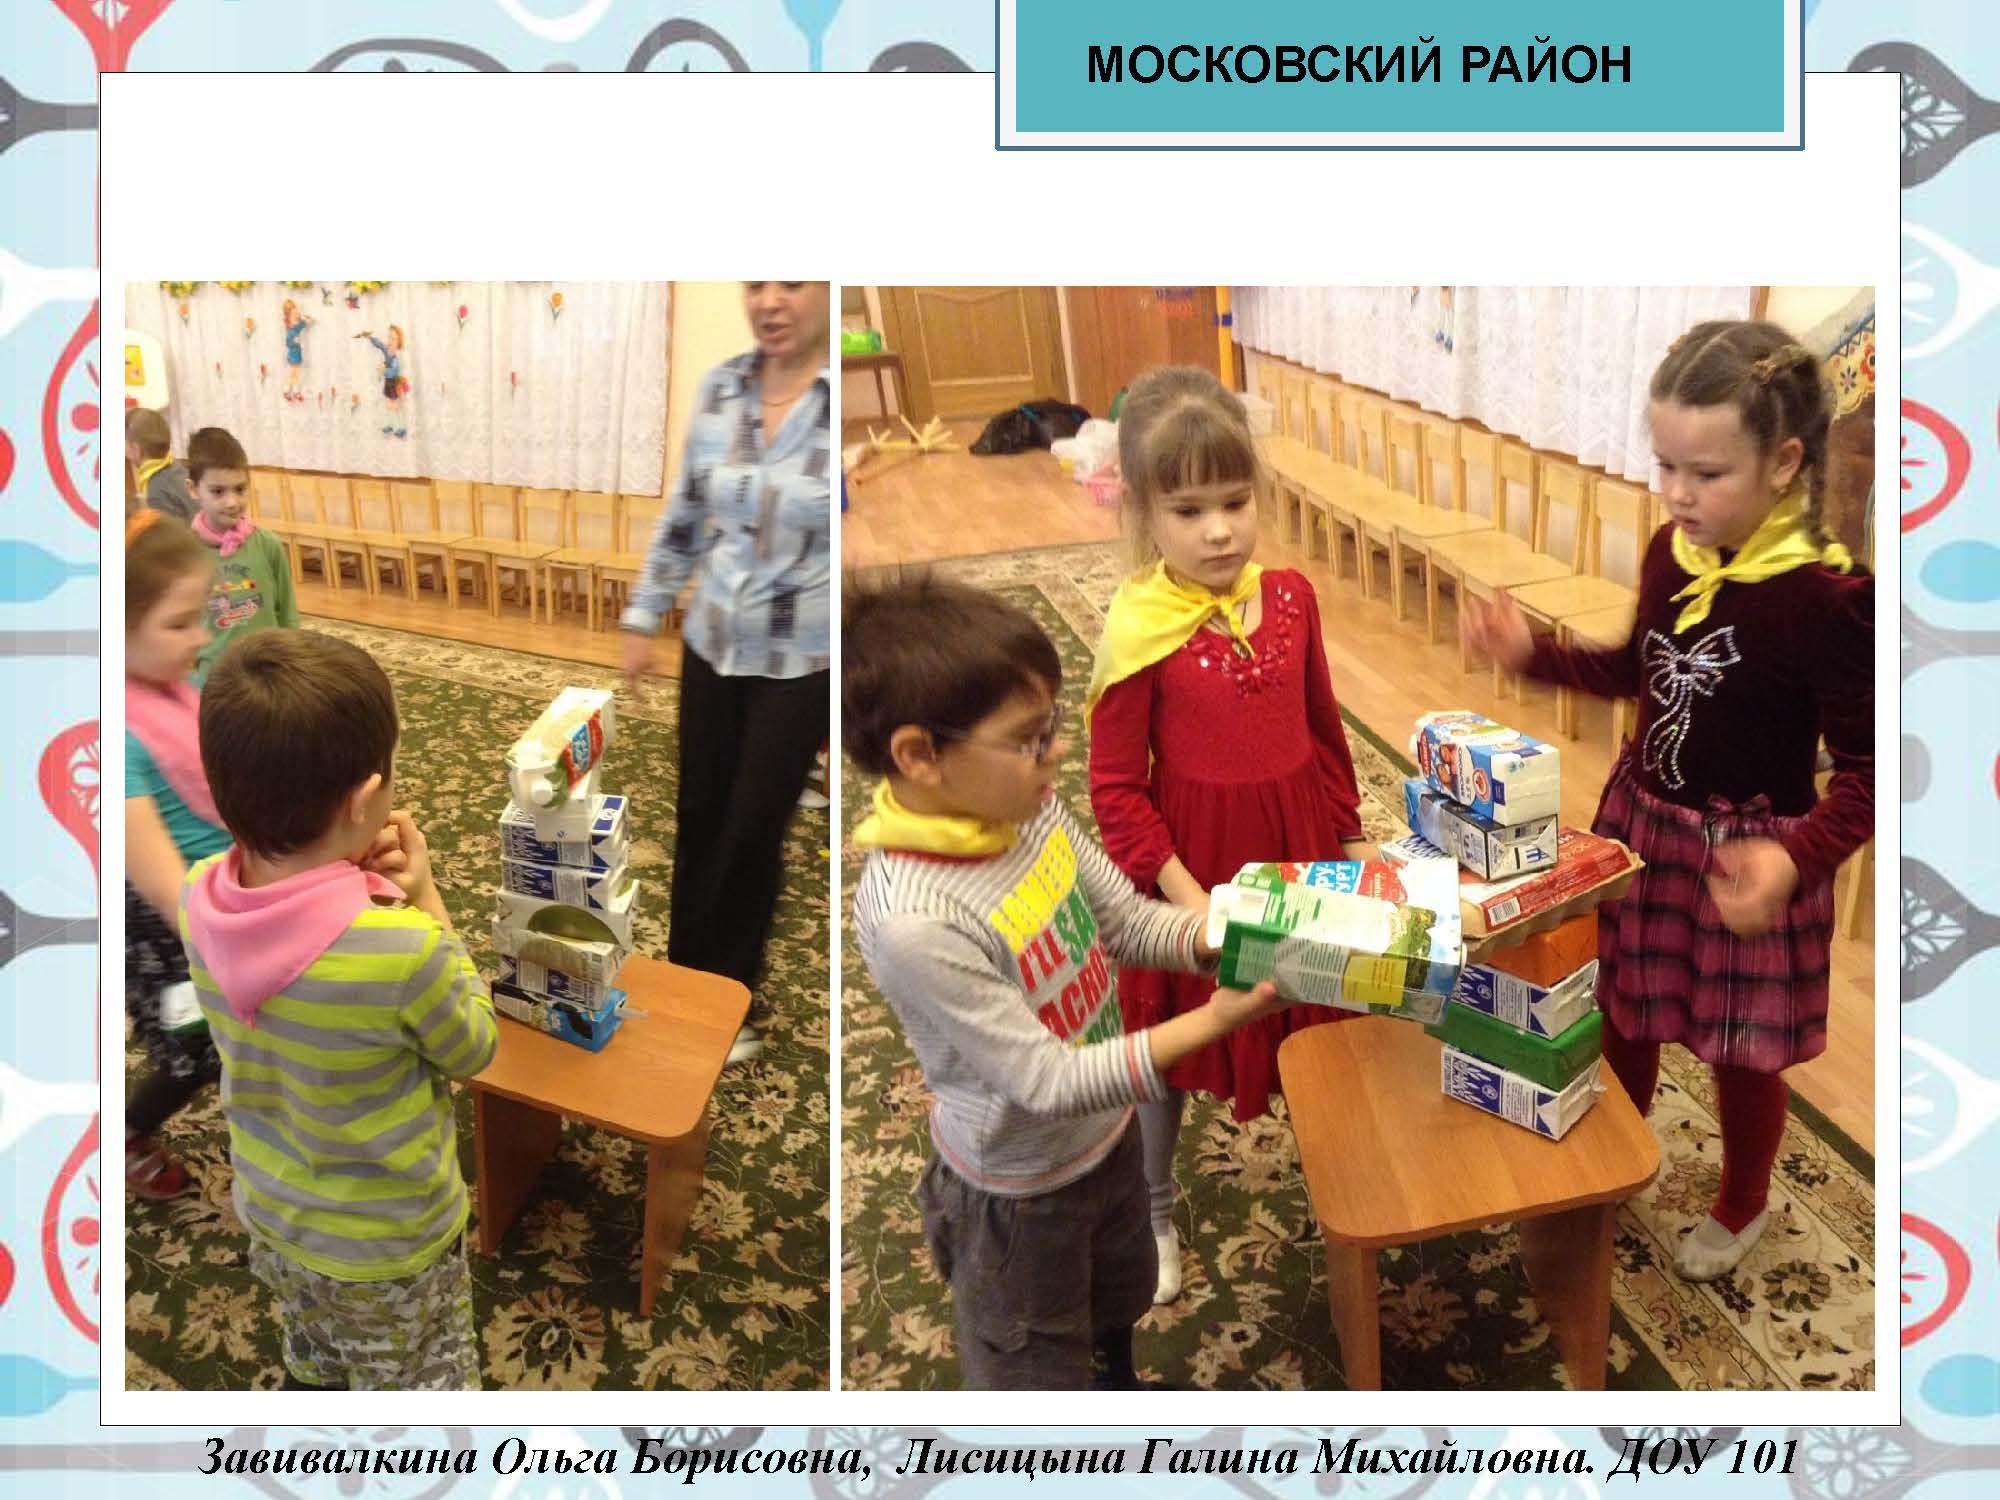 секция 8. ДОУ 101, эко. Московский район_Страница_14